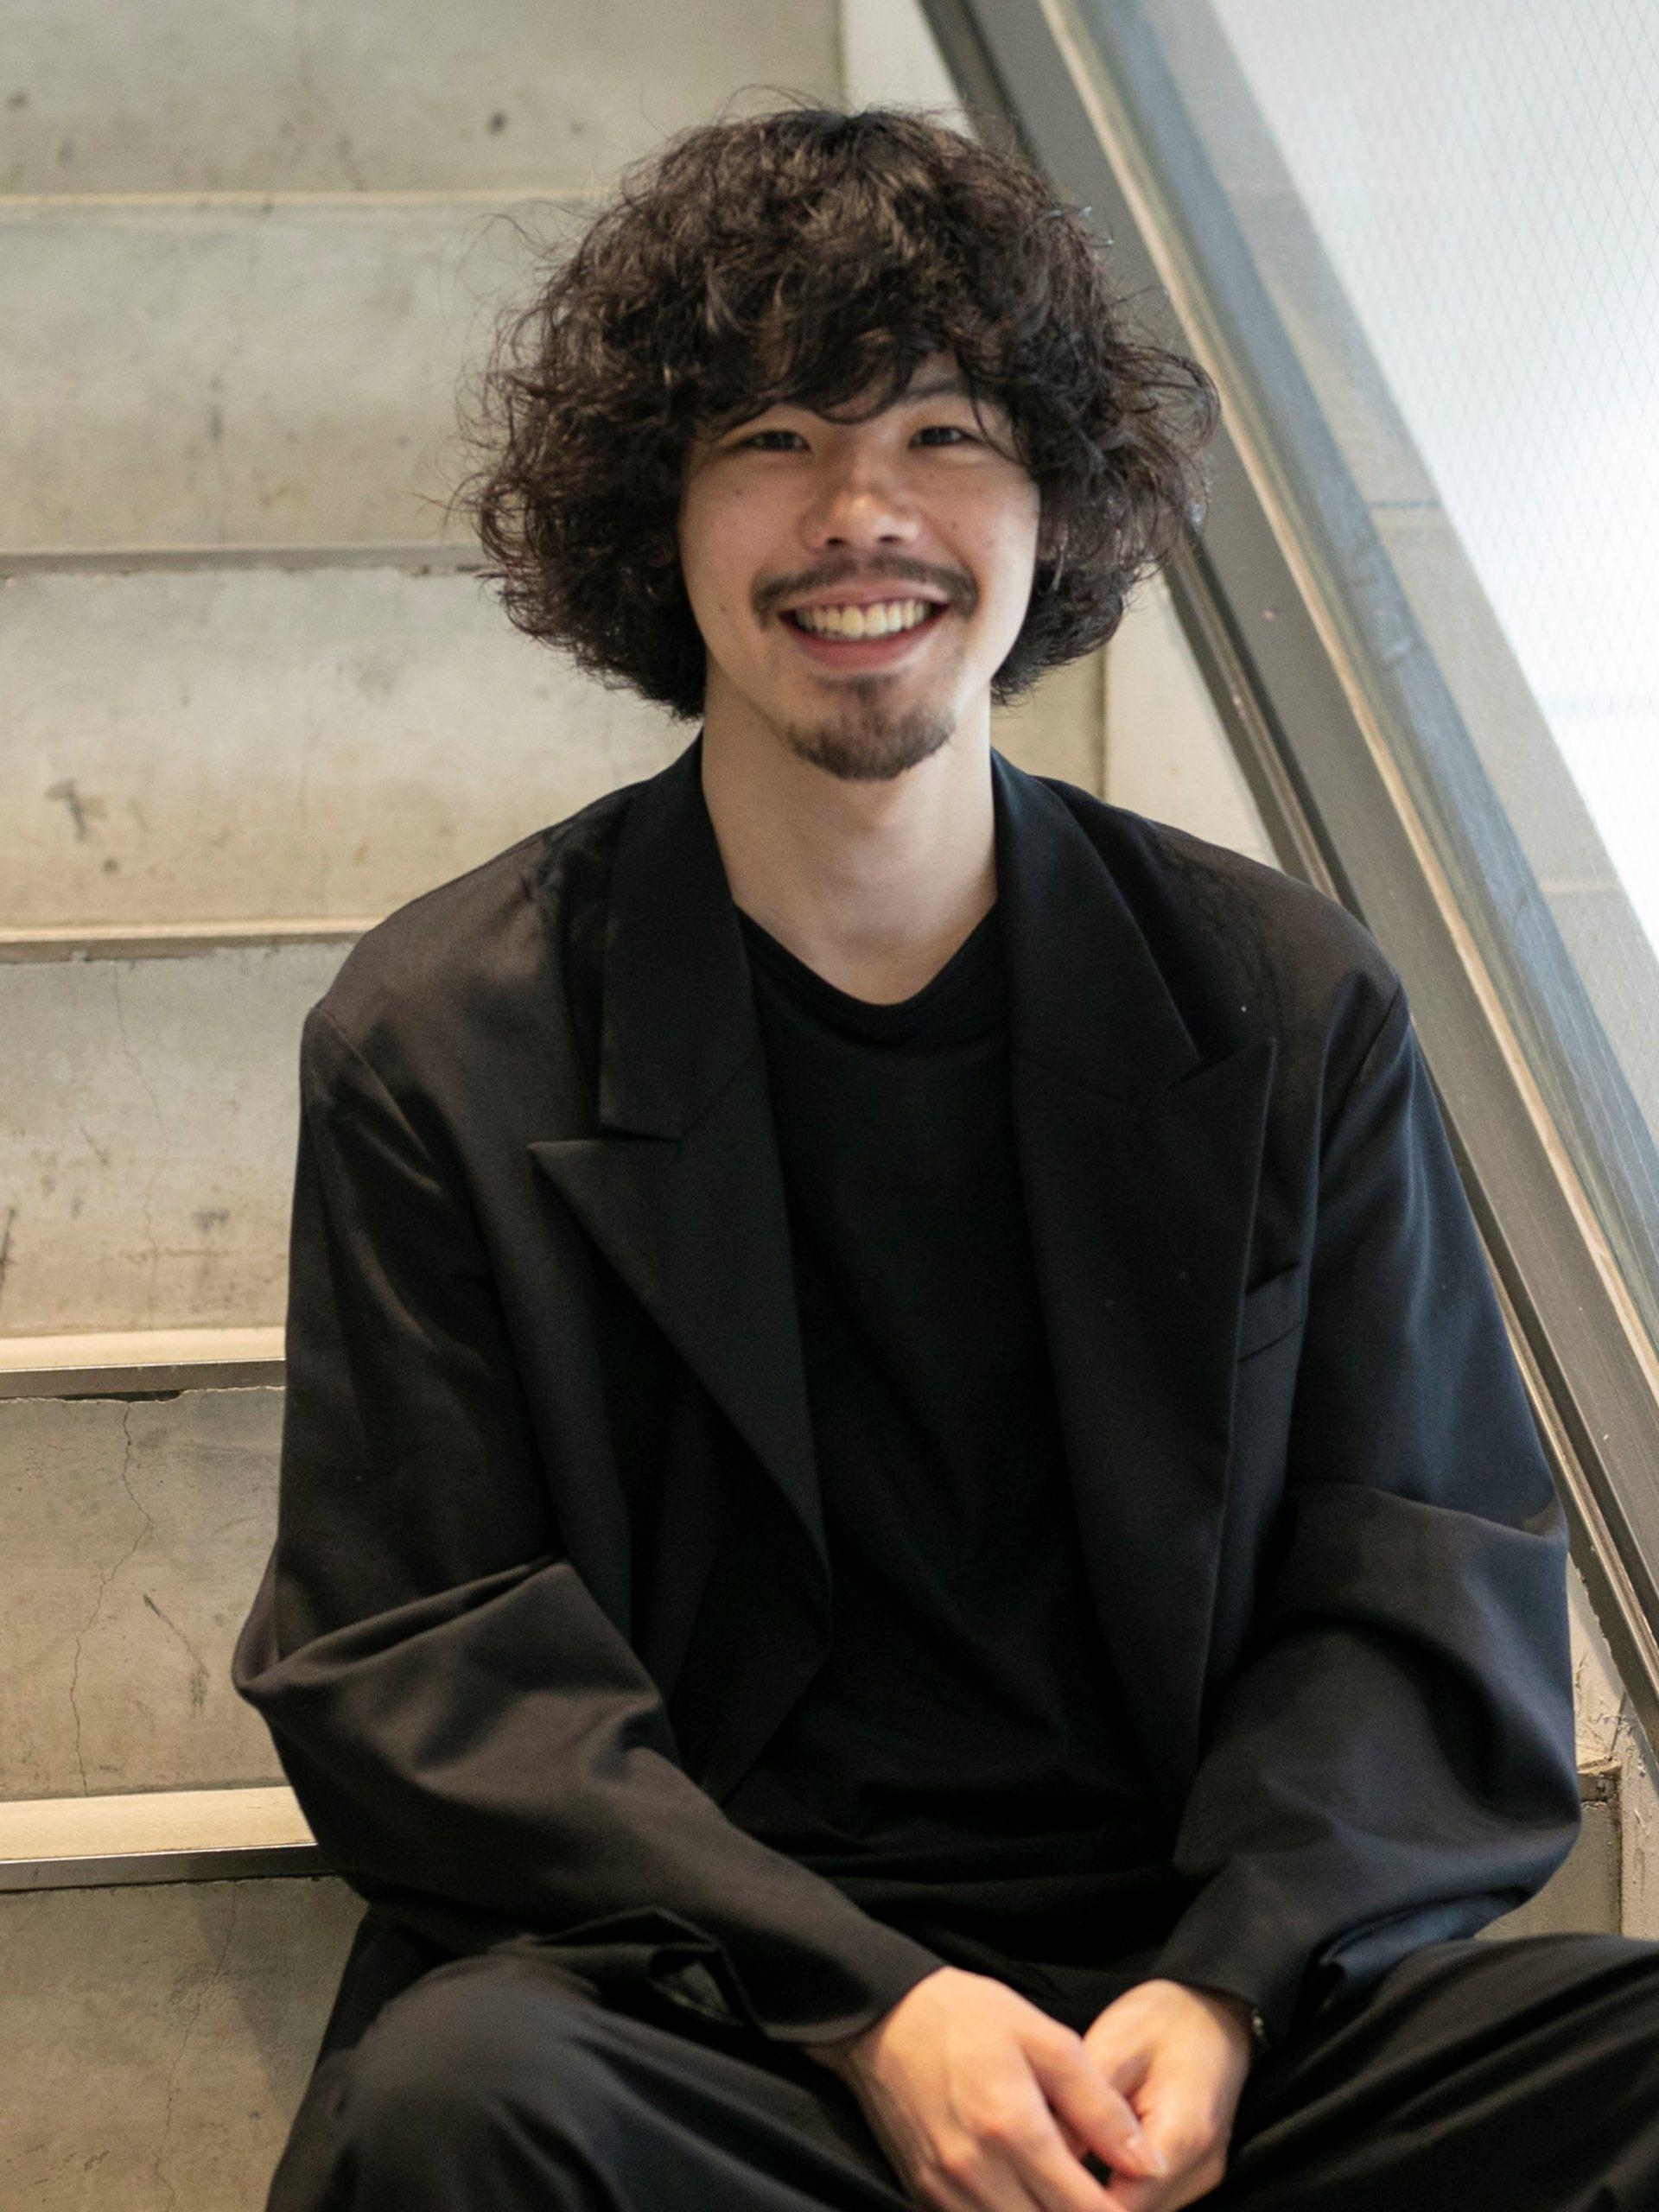 Shuhei Koike